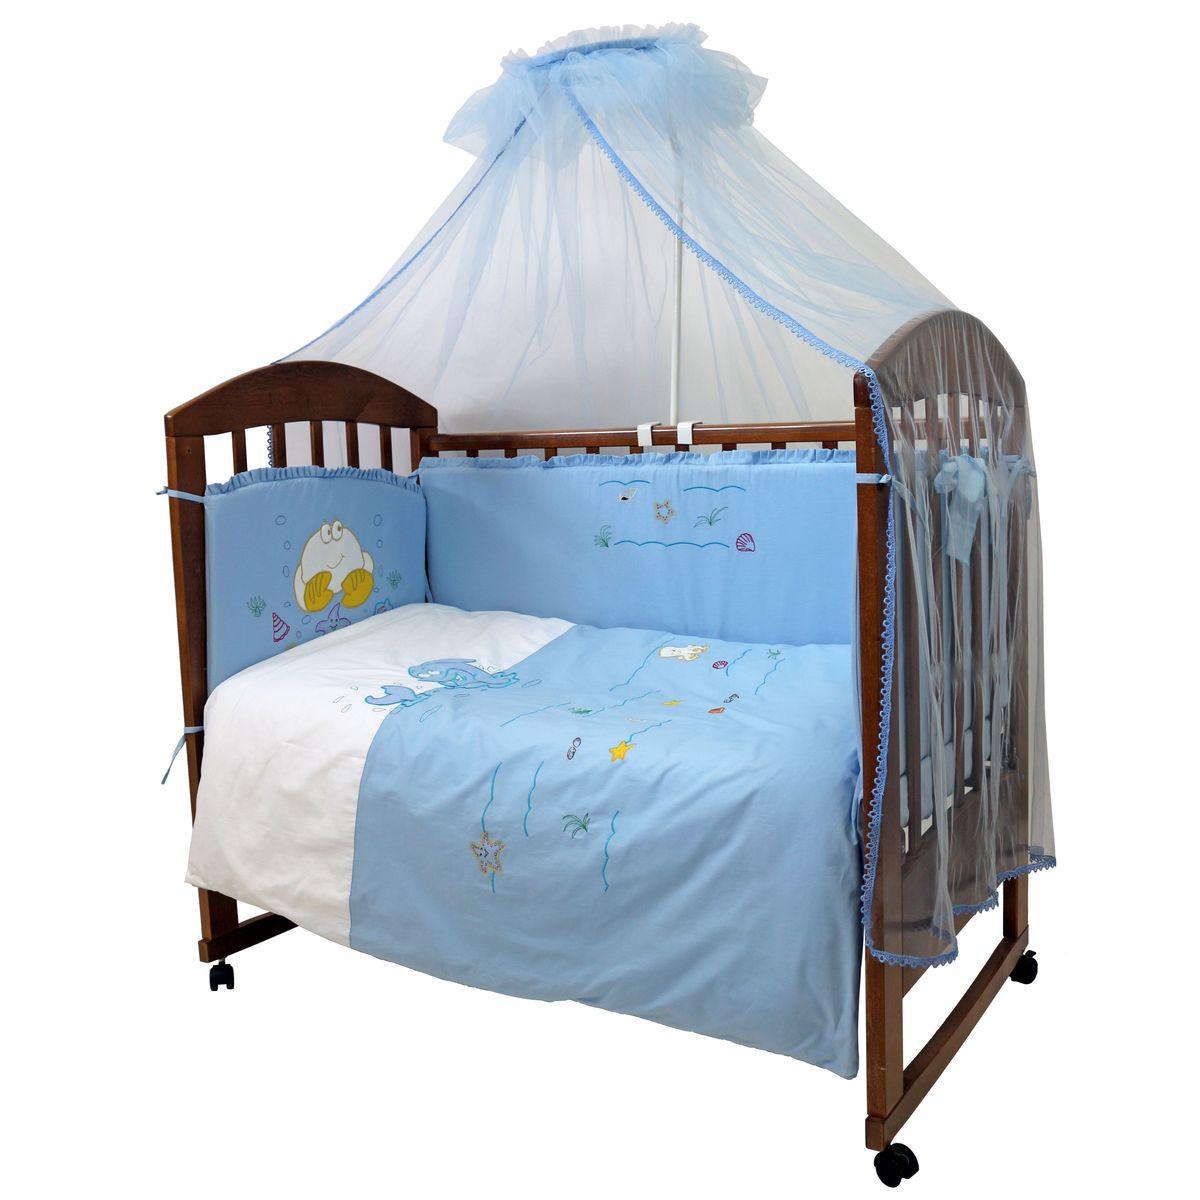 Топотушки Комплект детского постельного белья На волне цвет голубой 7 предметов531-105Комплект постельного белья из 7 предметов включает все необходимые элементы для детской кроватки. Комплект создает для Вашего ребенка уют, комфорт и безопасную среду с рождения; современный дизайн и цветовые сочетания помогают ребенку адаптироваться в новом для него мире. Комплекты «Топотушки» хорошо вписываются в интерьер как детской комнаты, так и спальни родителей. Как и все изделия «Топотушки» данный комплект отражает самые последние технологии, является безопасным для малыша и экологичным. Российское происхождение комплекта гарантирует стабильно высокое качество, соответствие актуальным пожеланиям потребителей, конкурентоспособную цену.Балдахин 3м (сетка); охранный бампер 360х40см. (из 4-х частей, наполнитель – холлофайбер); подушка 40х60см. (наполнитель – холлофайбер); одеяло 140х110см. (наполнитель – холлофайбер); наволочка 40х60см; пододеяльник 147х112см; простынь на резинке 120х60см